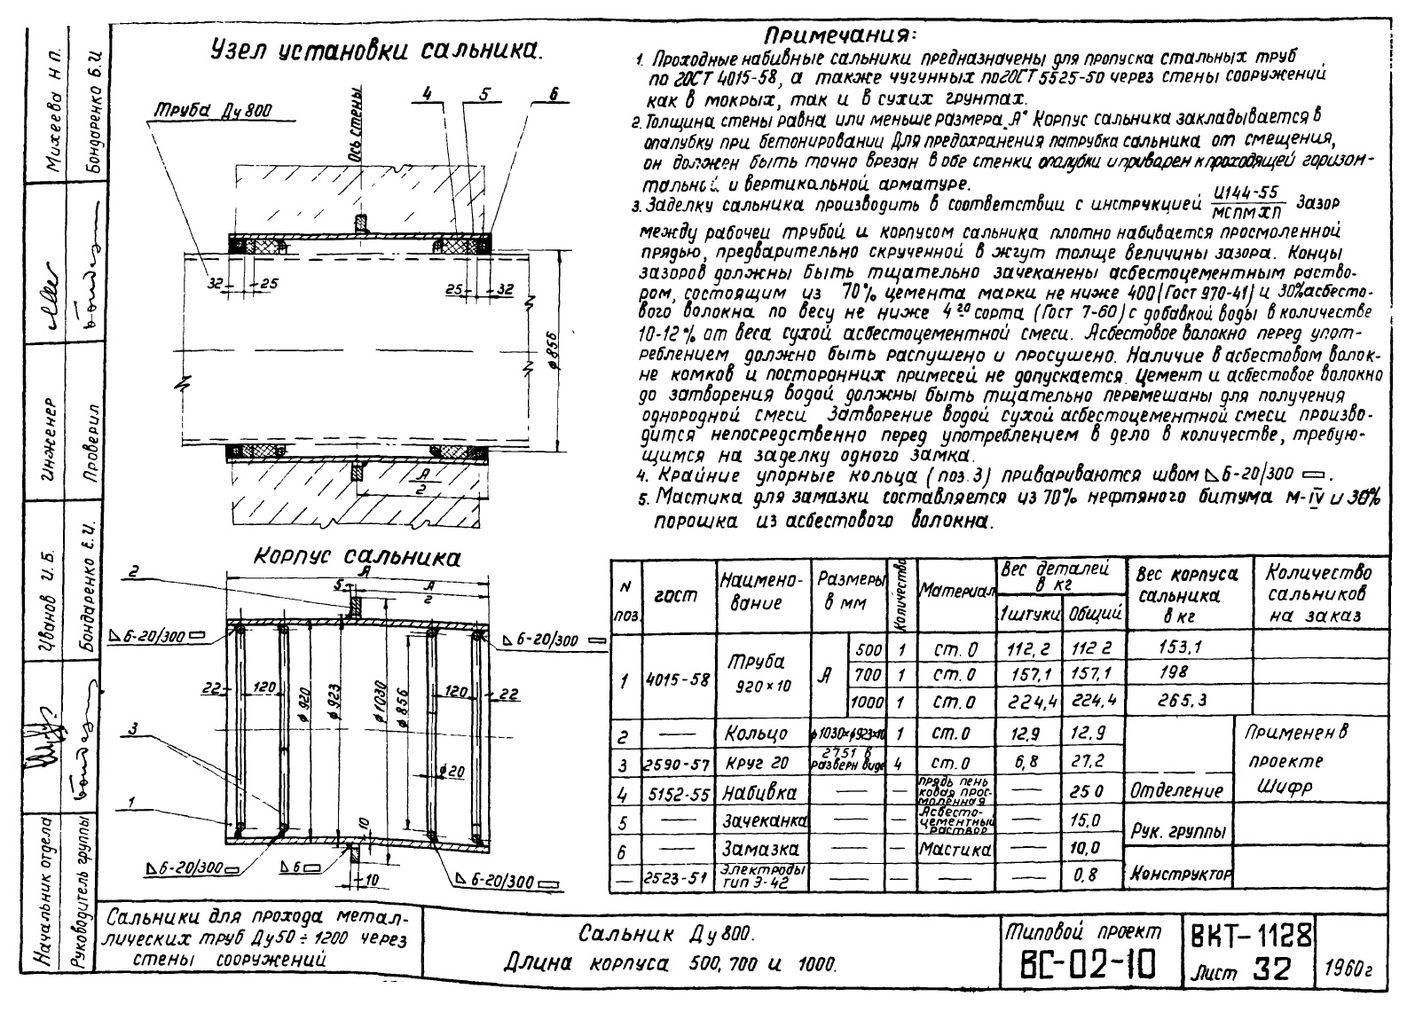 Сальники набивные L = 500 мм типовой проект ВС-02-10 стр.15